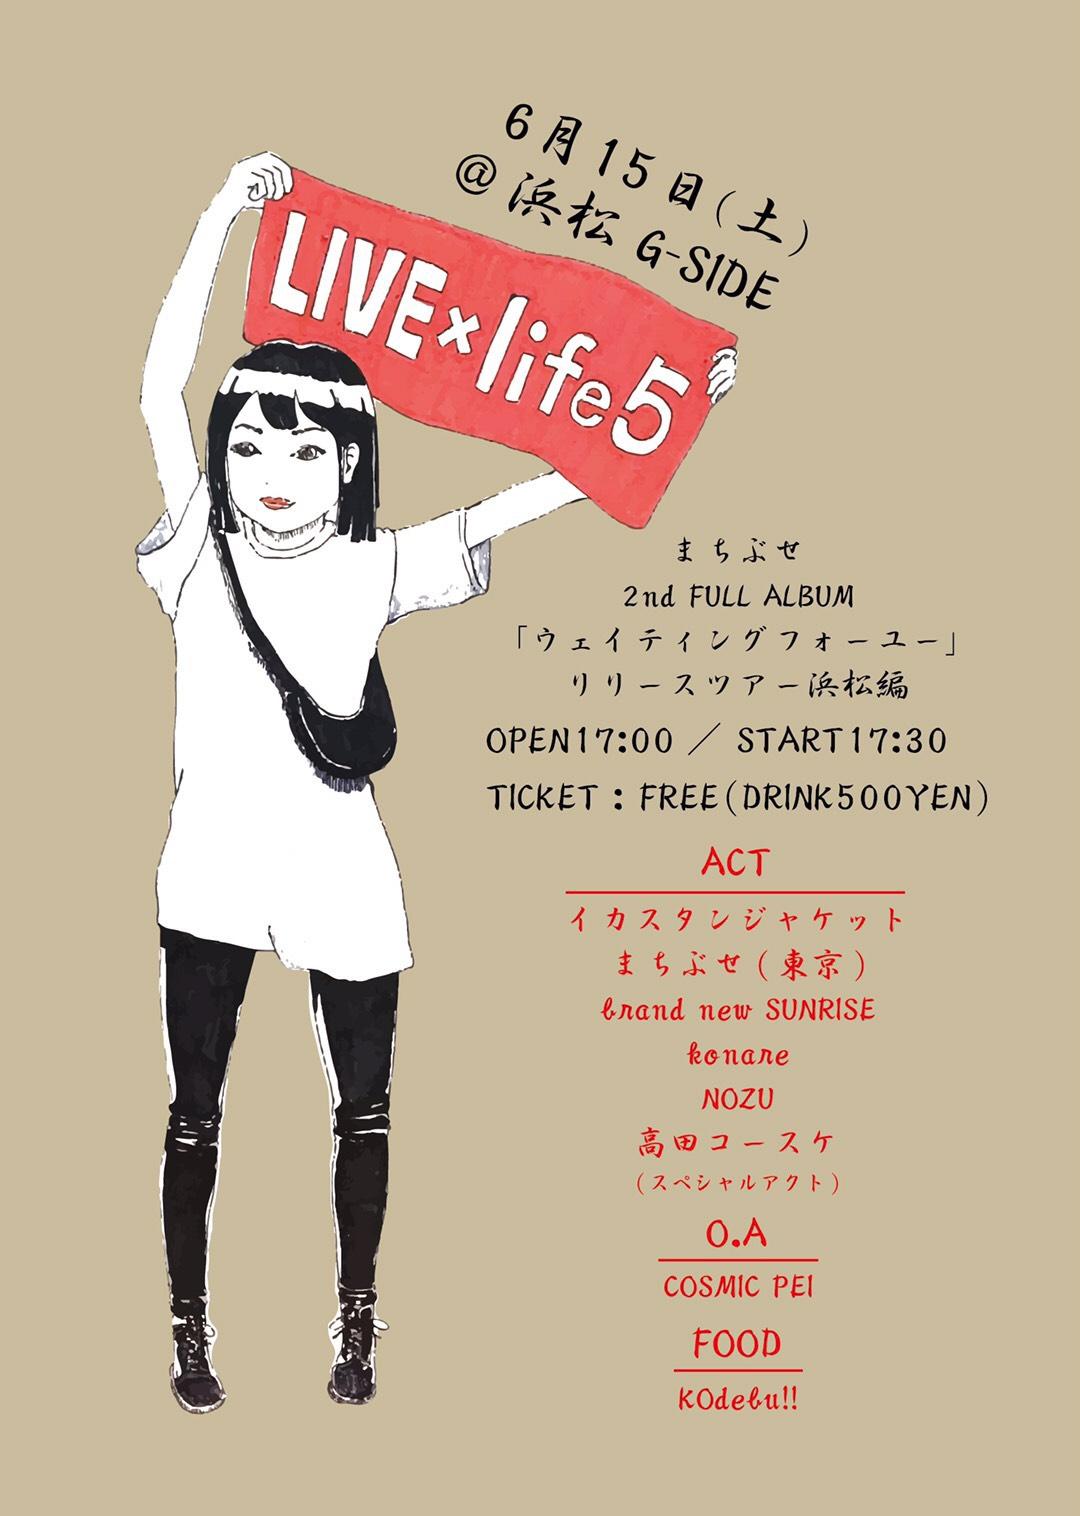 6月15日土曜日 LIVE×life5